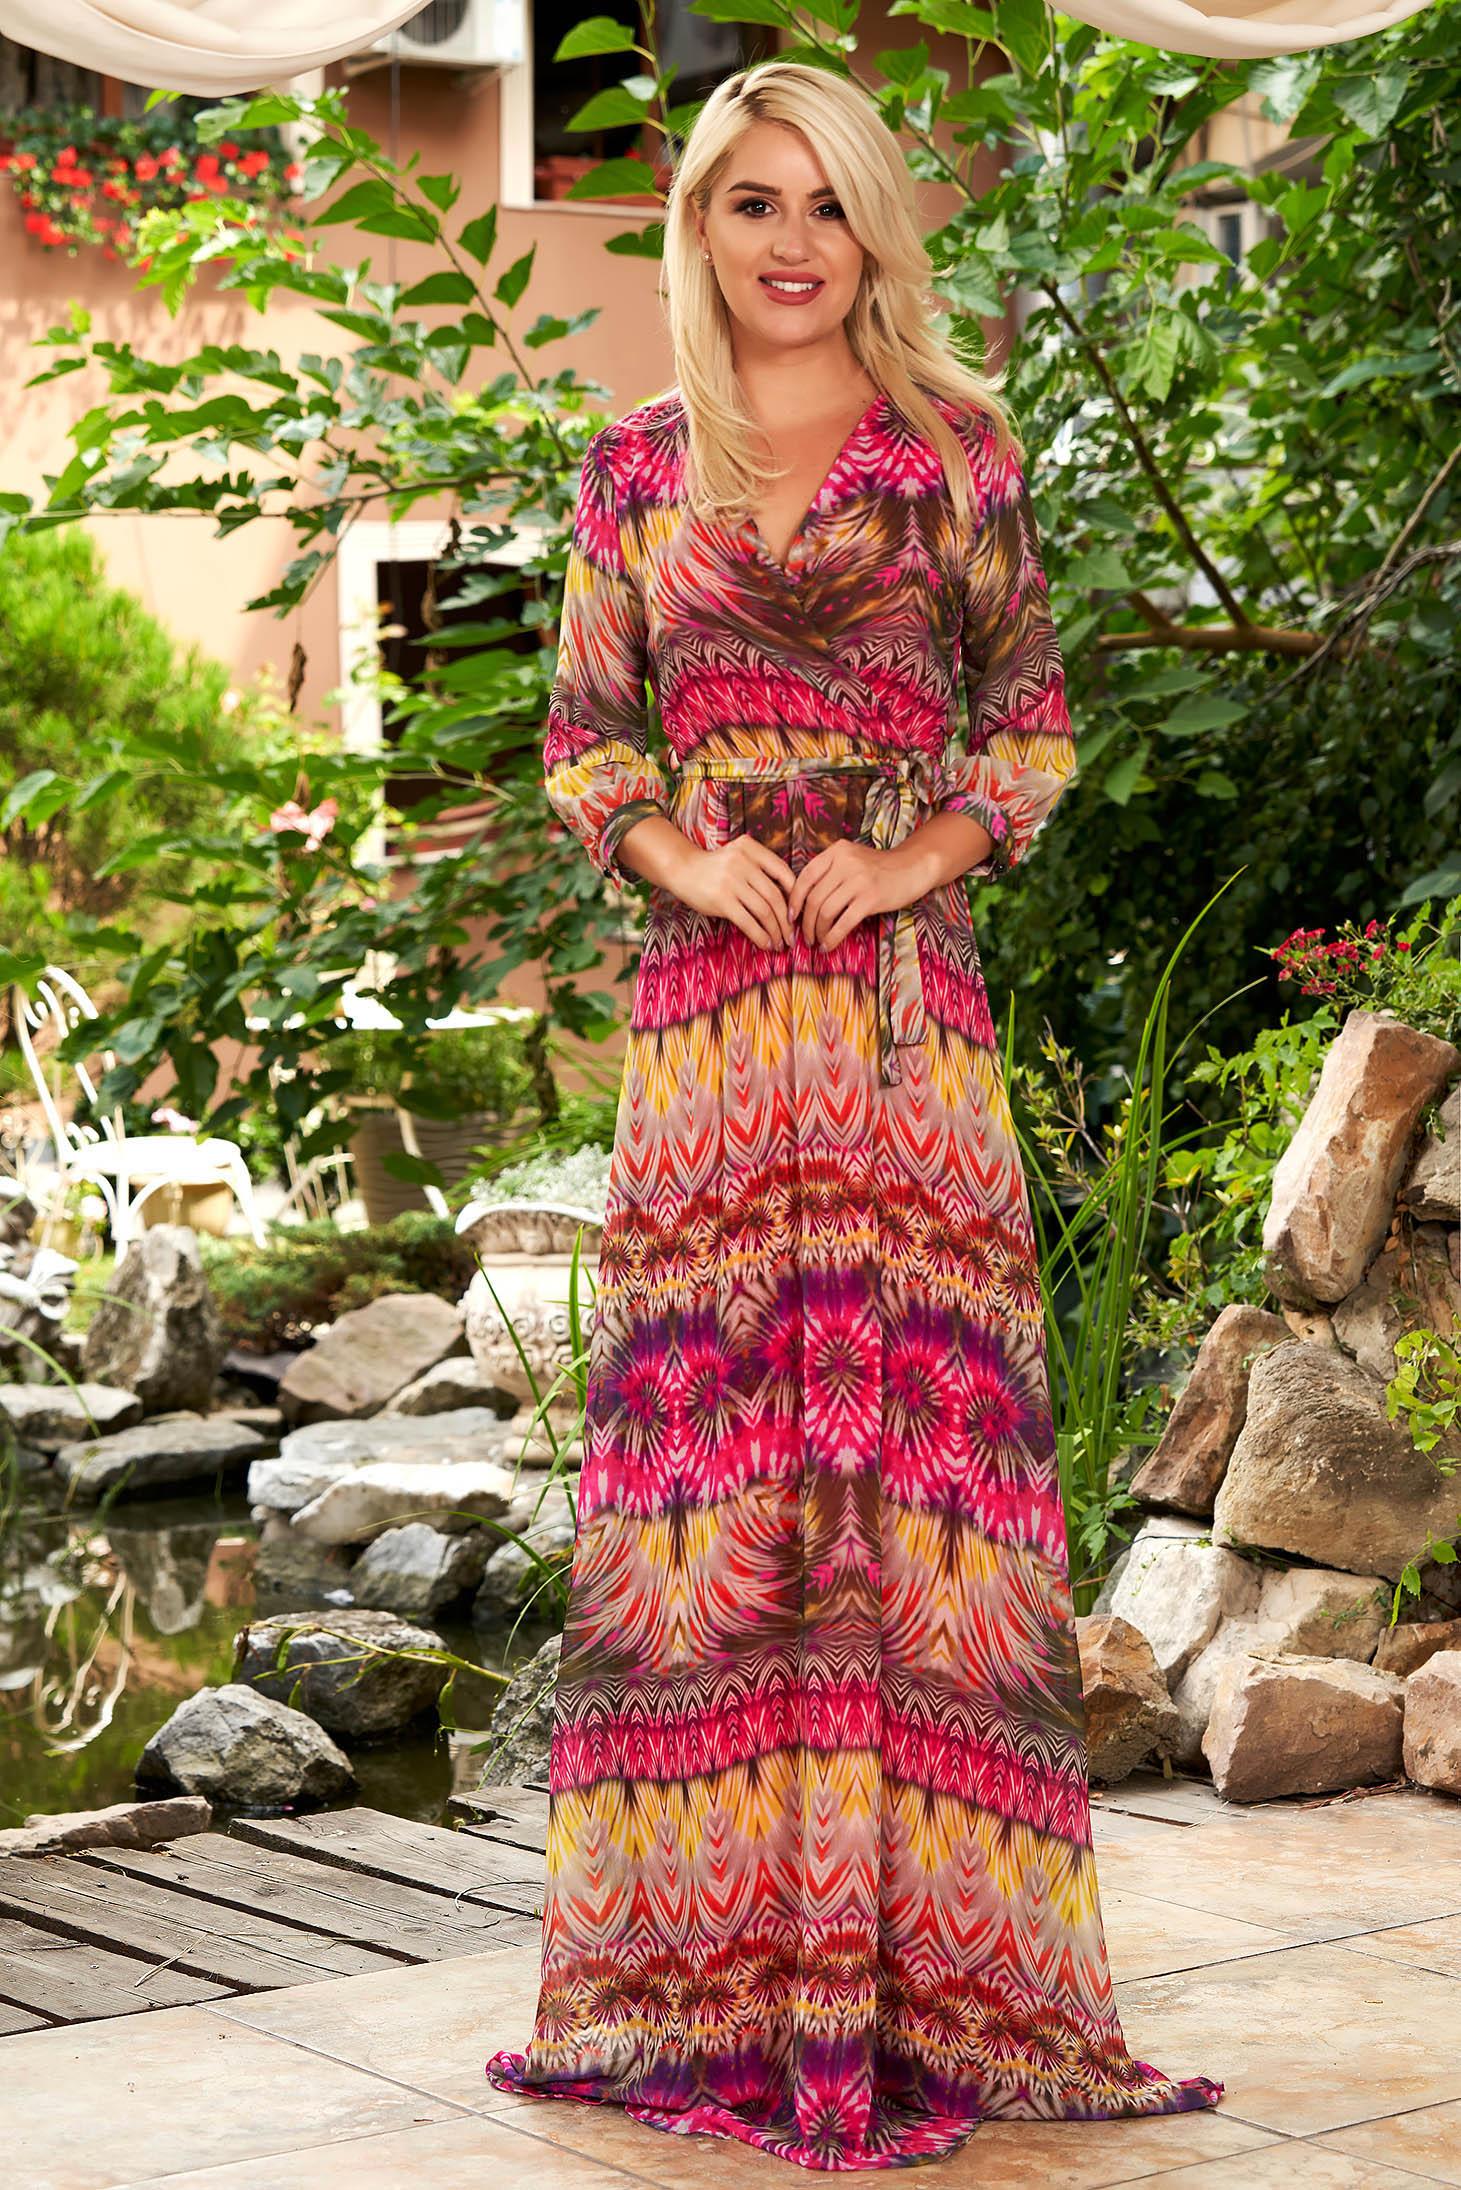 Pink ruha hétköznapi maxi ruhák harang muszlinból grafikai díszítéssel v-dekoltázzsal derékban rugalmas